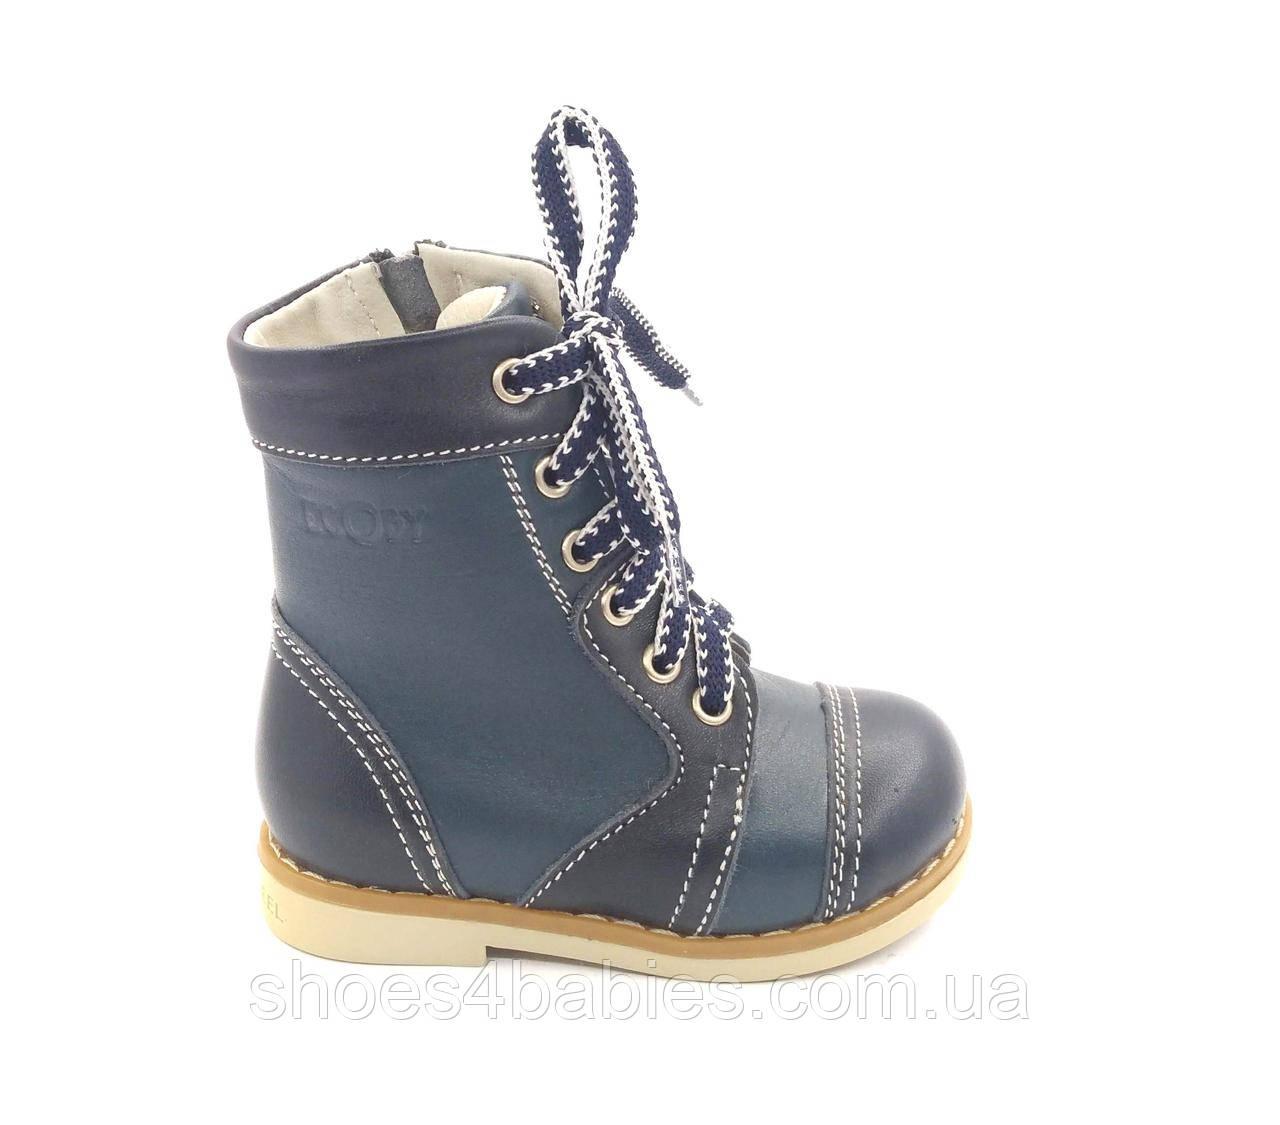 Ботинки зимние (сапожки) ортопедические Ecoby (Экоби) для мальчика 205В р. 20, 21